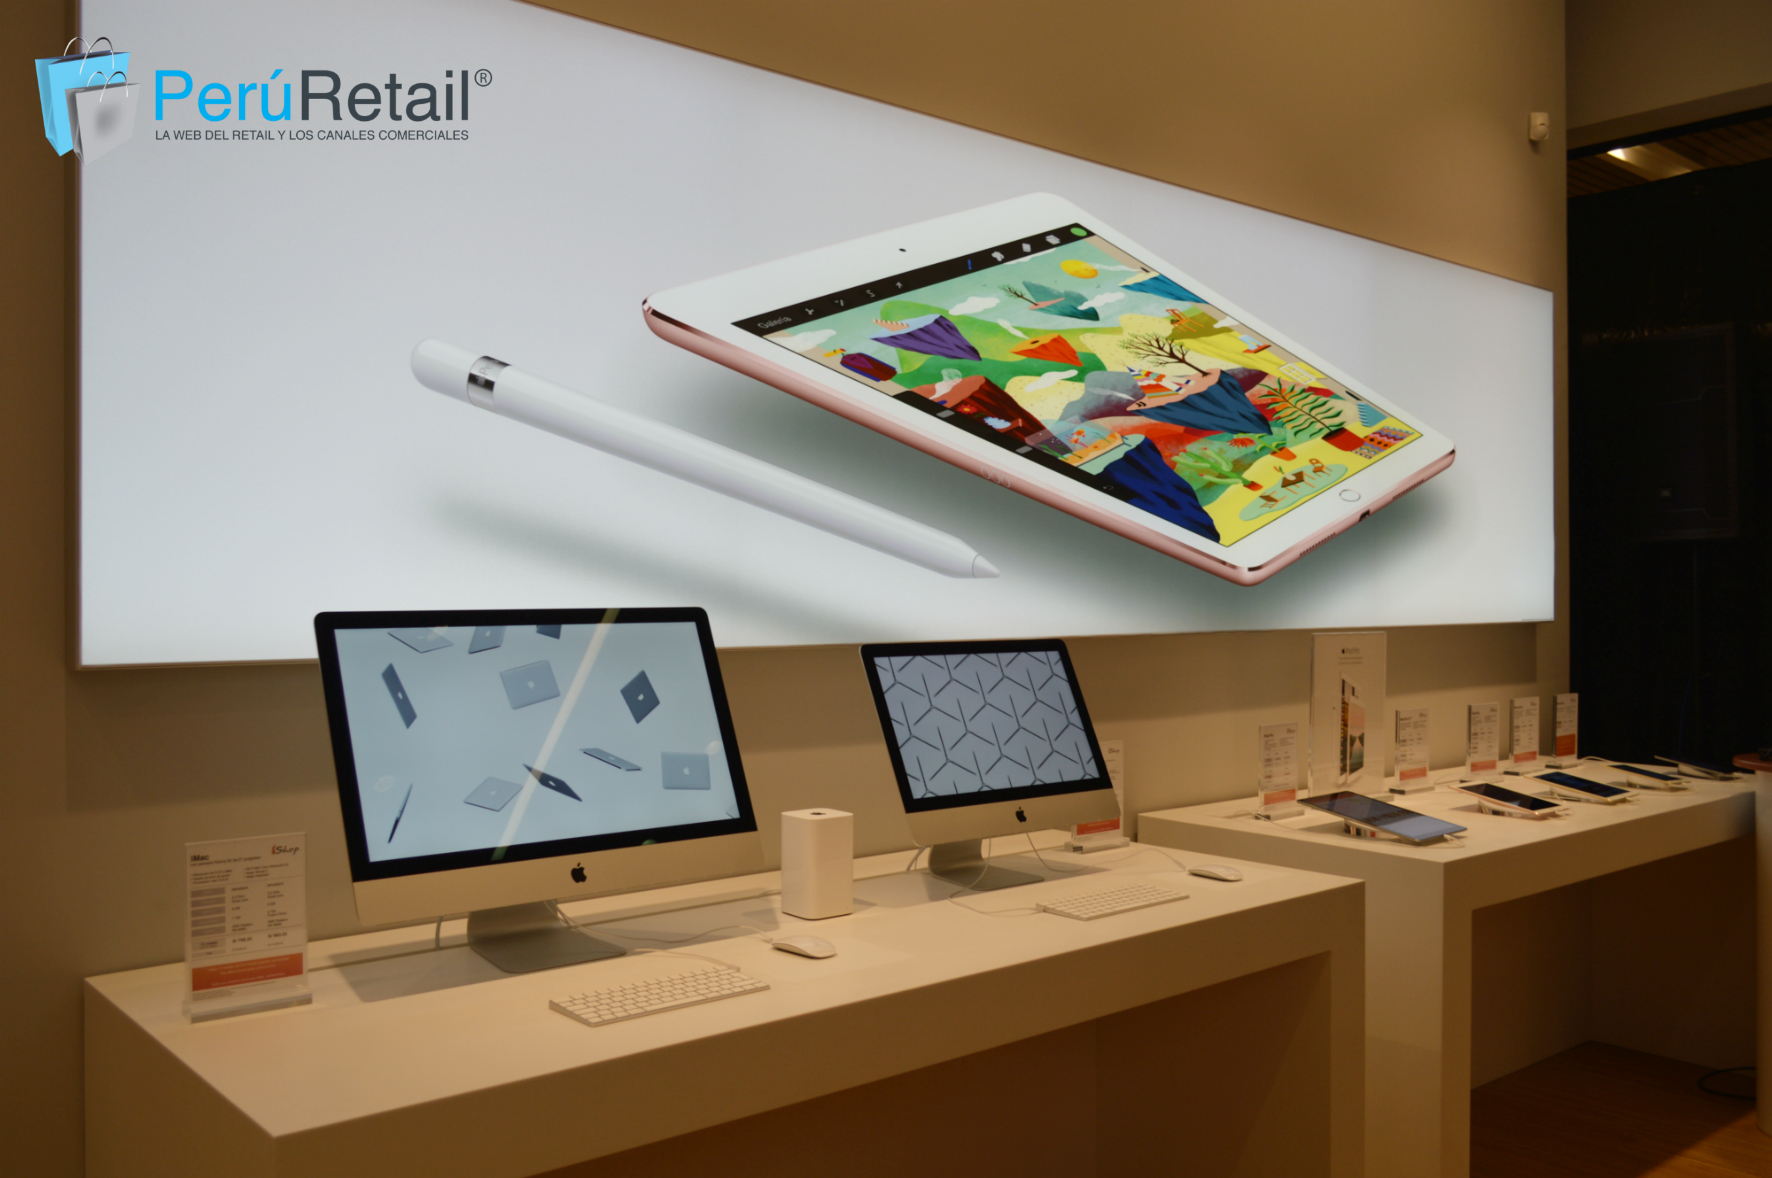 ishop 17 - iShop abriría tiendas de formato pequeño en malls peruanos